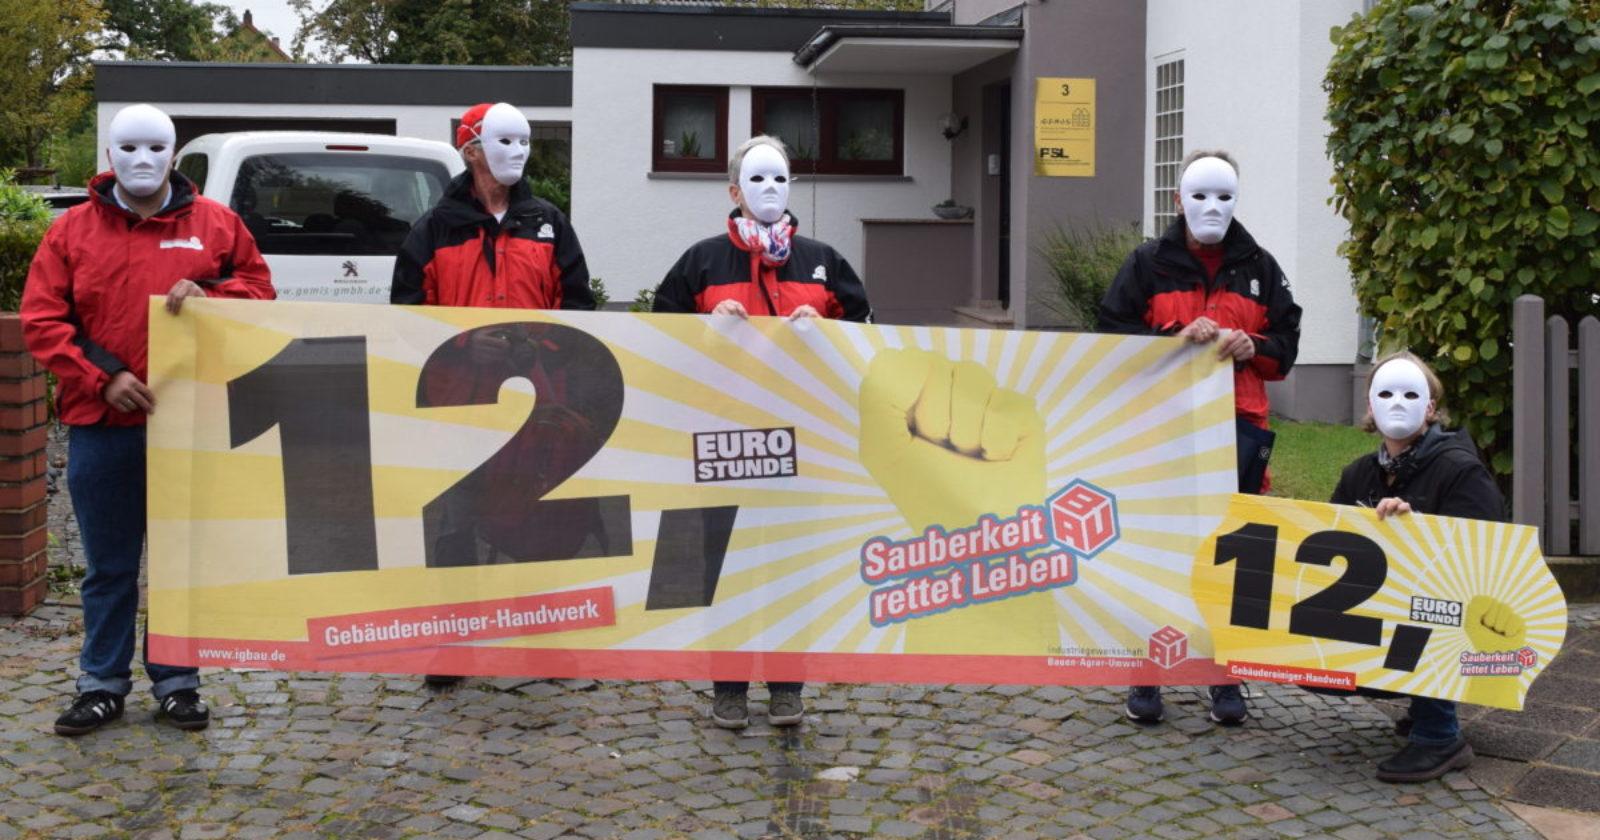 GebäudereinigerInnen im Saarland erinnern Innungsobermeister an Forderungen in Tarifverhandlungen